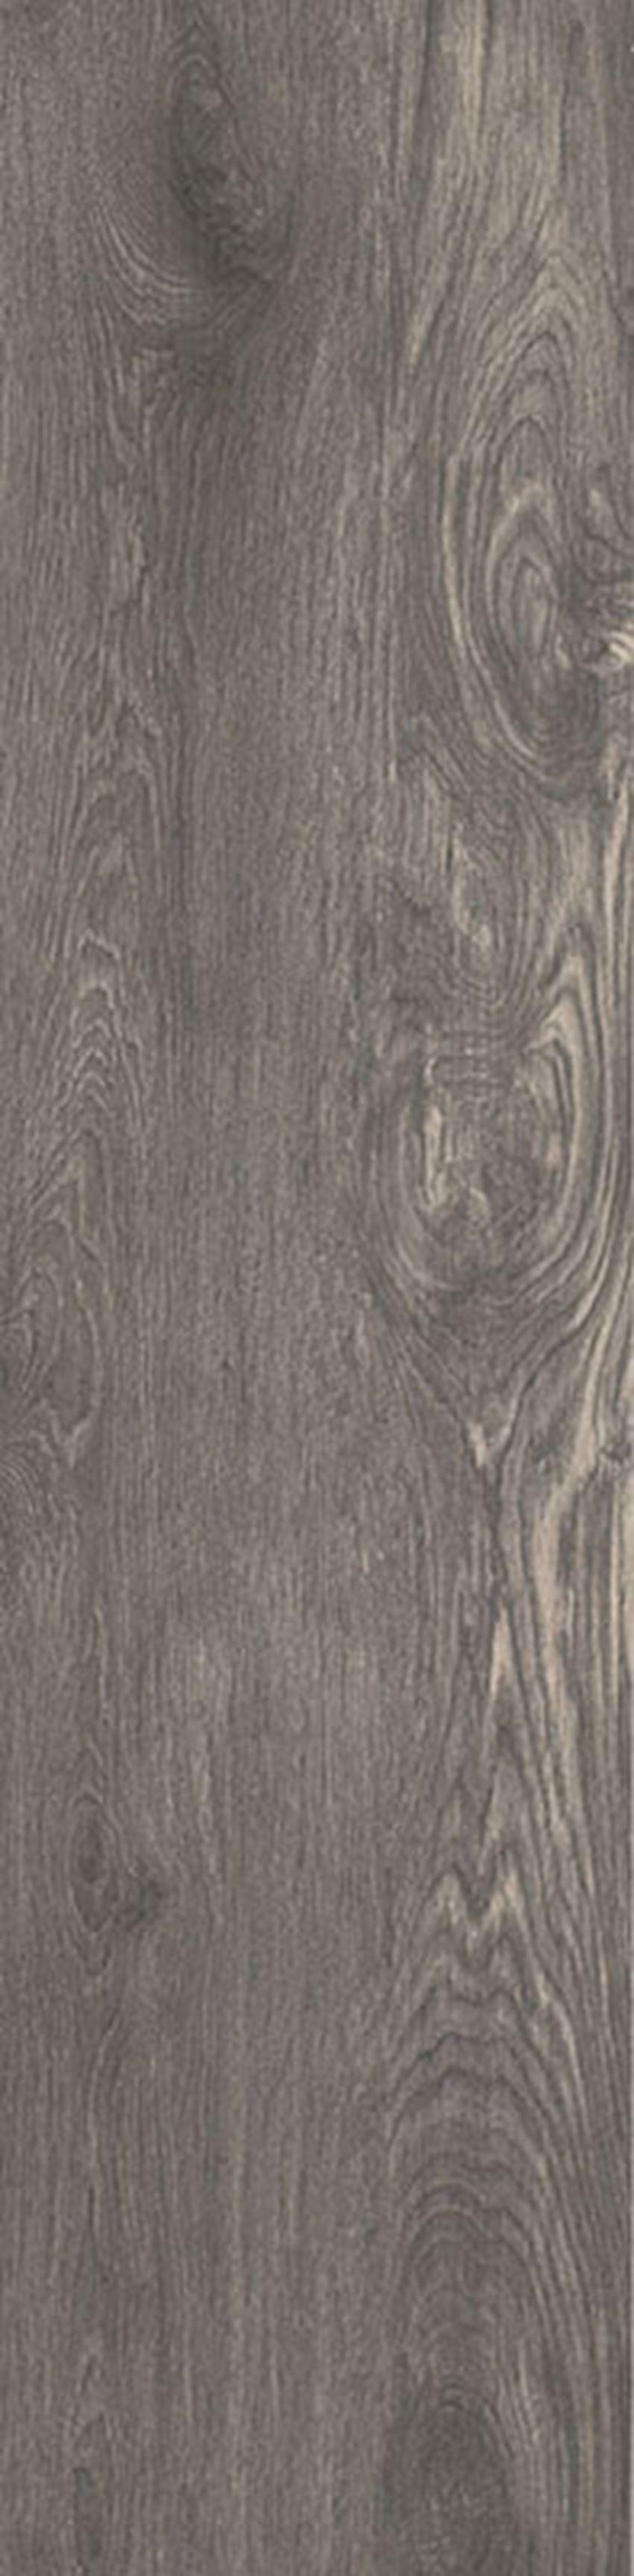 Płytka ścienno-podłogowa, 29,5x119,5 cm Paradyż Sherwood Grys Płyta Tarasowa 2.0